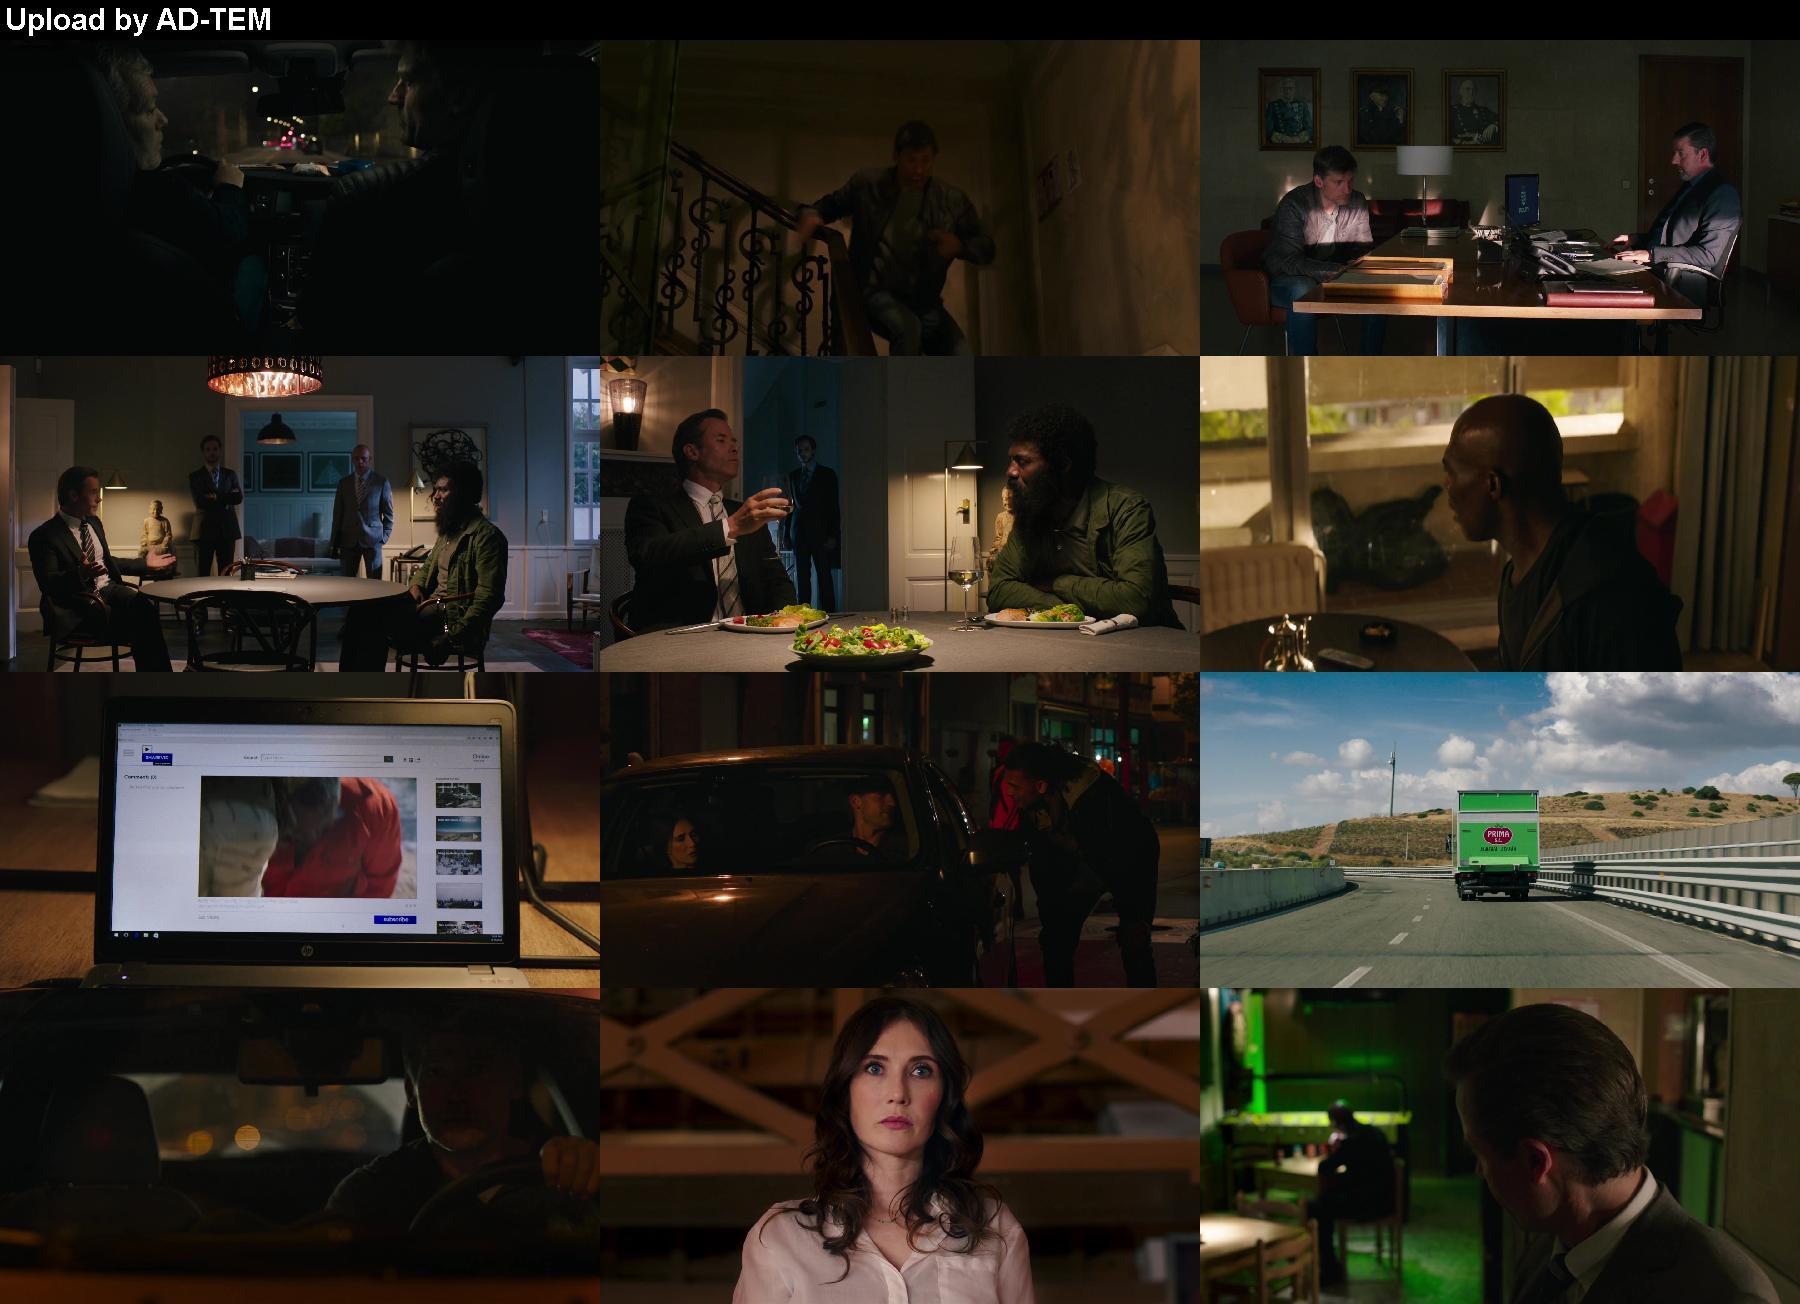 Domino 2019 1080p BluRay x264 DTS MW